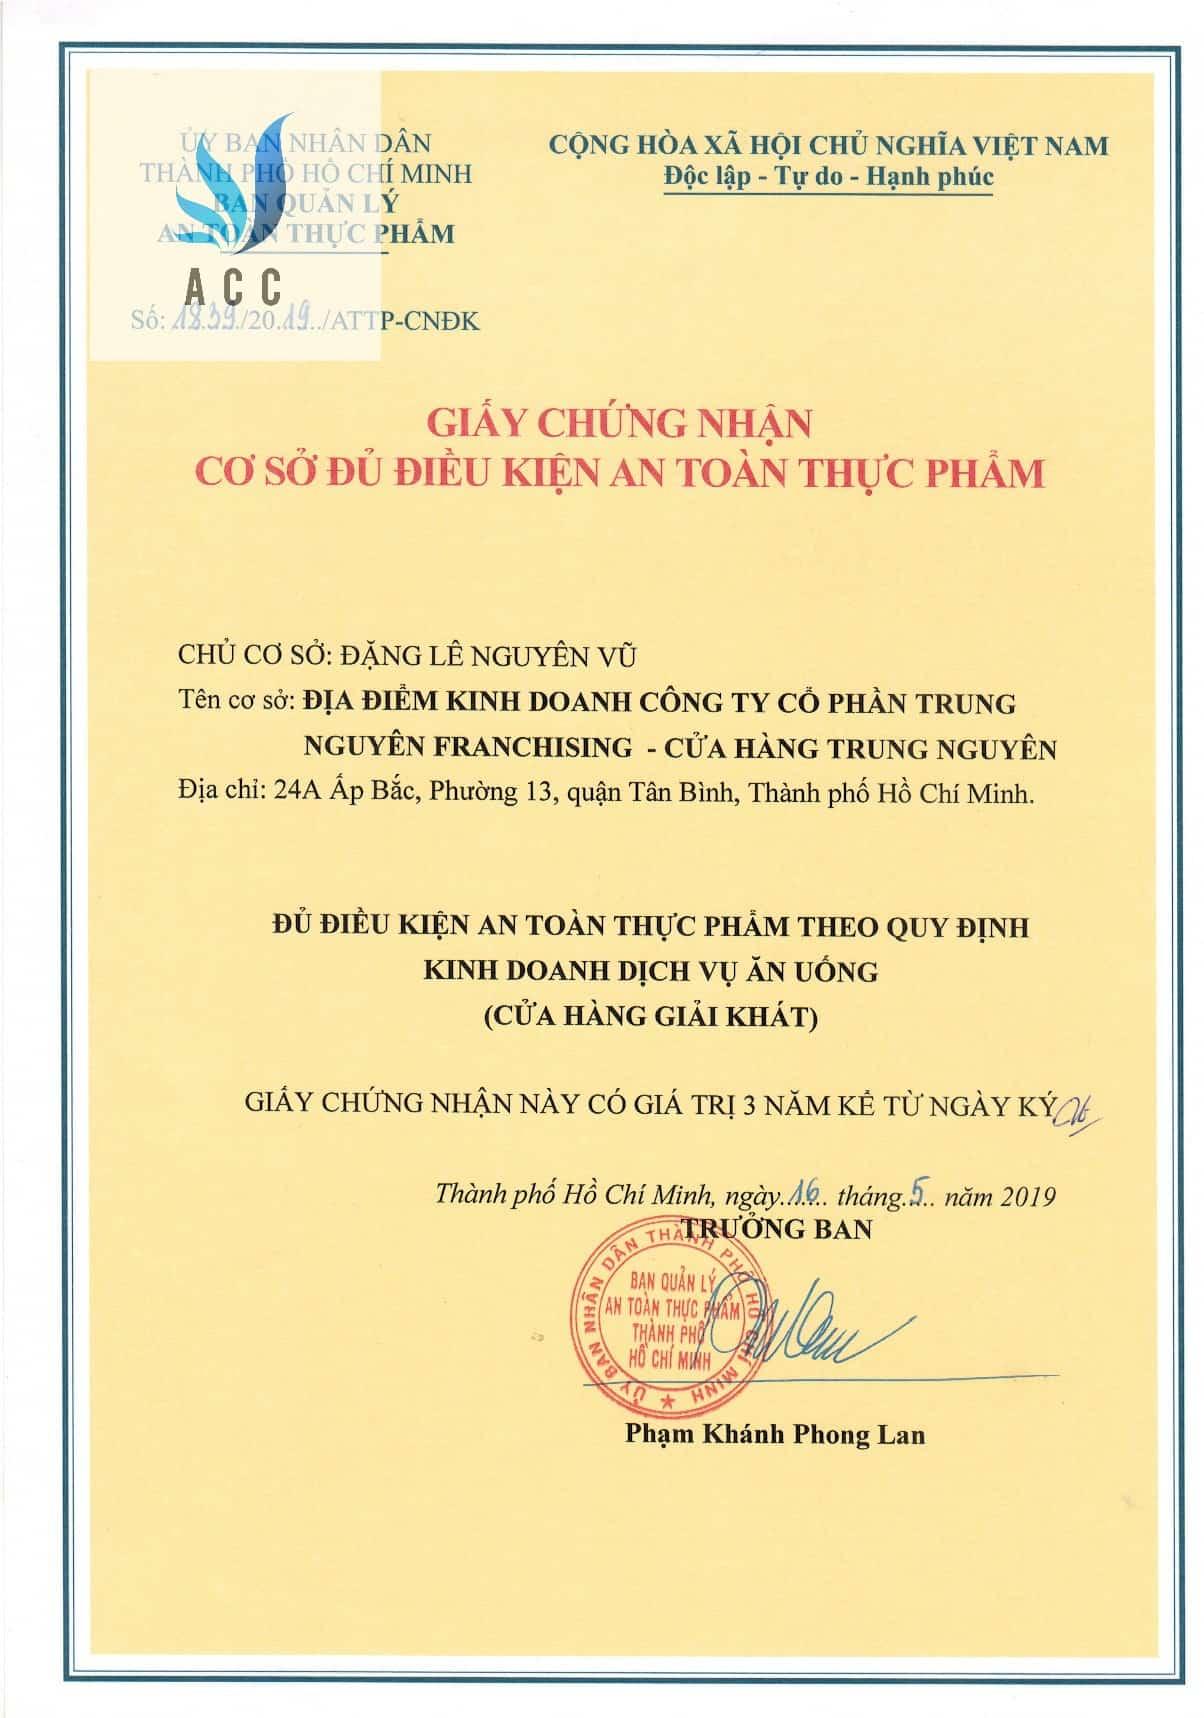 Mẫu giấy chứng nhận vệ sinh an toàn thực phẩm của Ban ATPP Bộ Y Tế